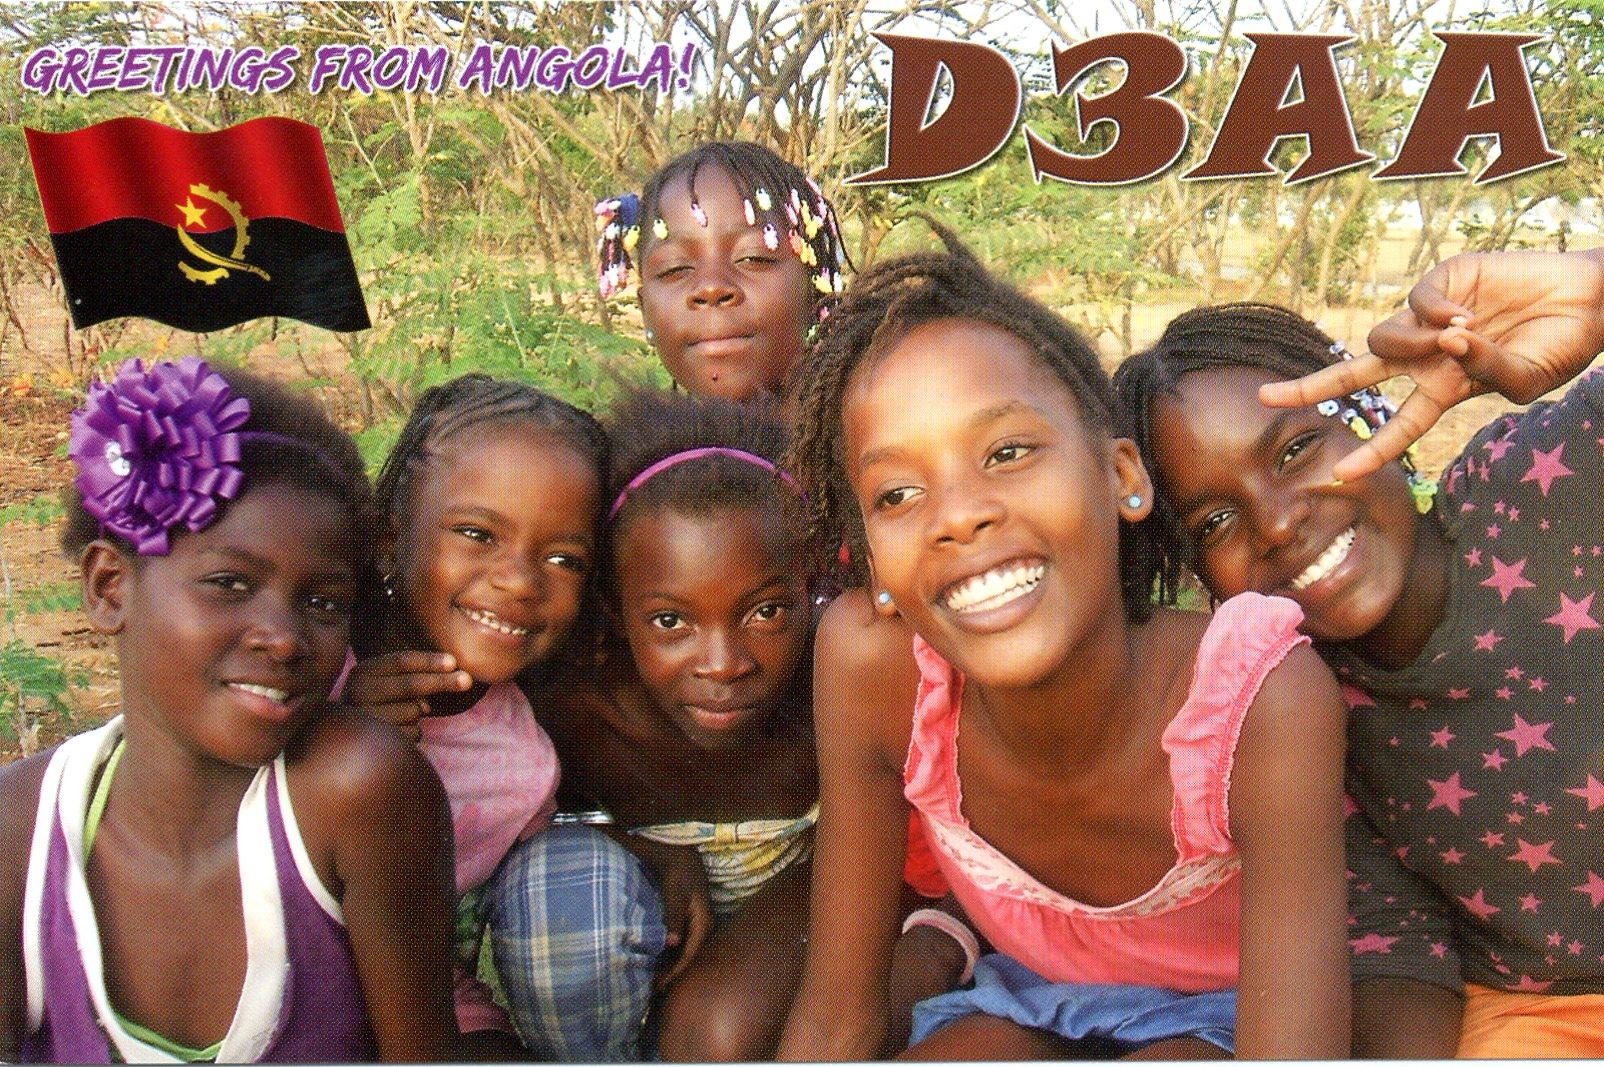 Секс в анголе 15 фотография